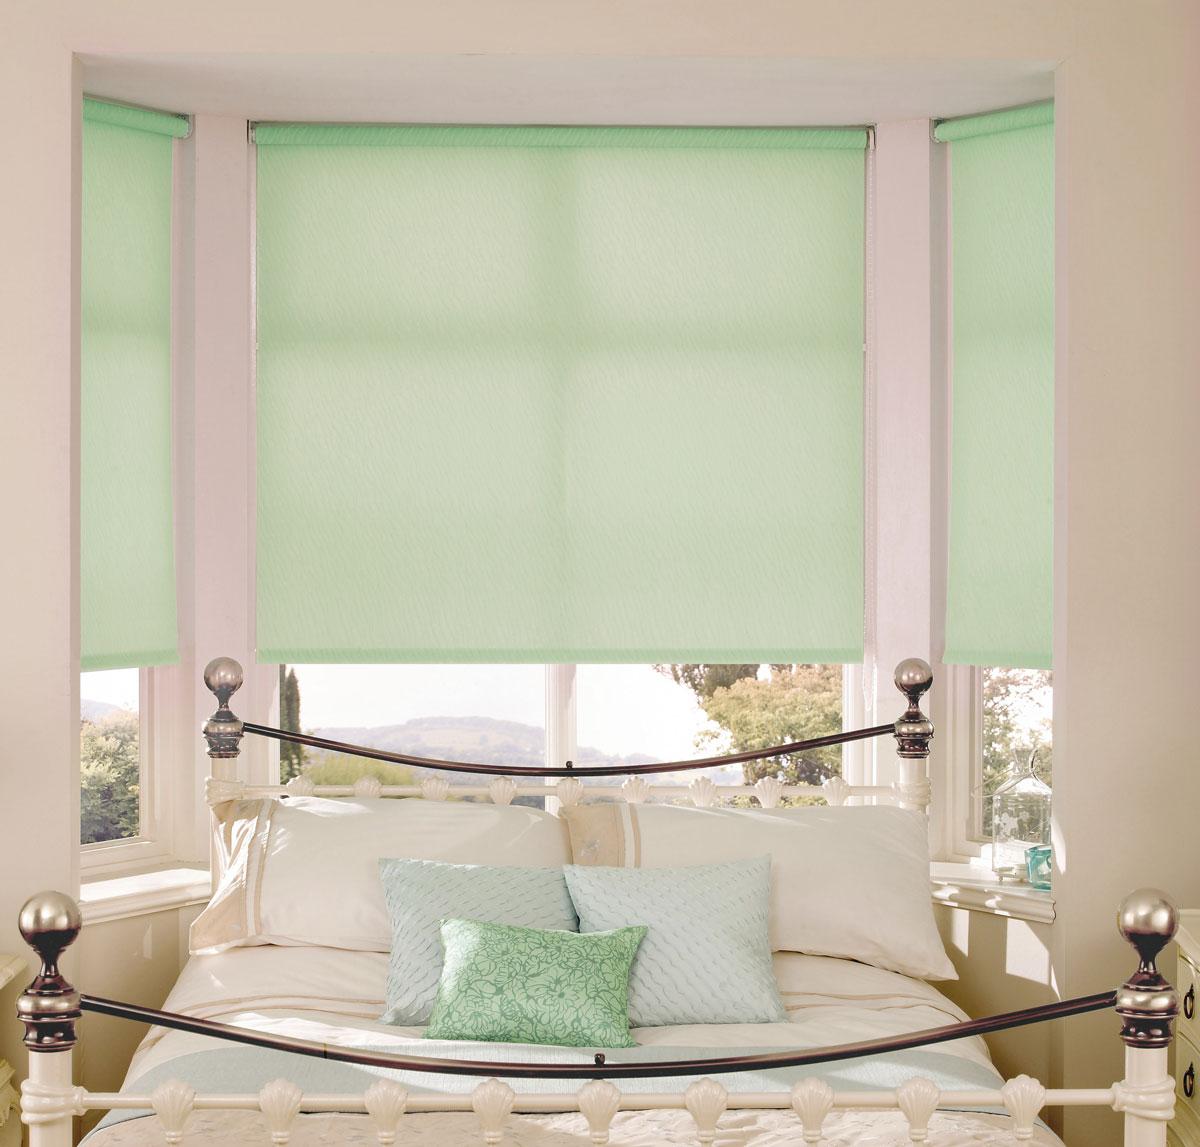 Штора рулонная KauffOrt Миниролло, цвет: светло-зеленый, 115 х 170 см3115017Рулонная штора Миниролло выполнена из высокопрочной ткани, которая сохраняет свой размер даже при намокании. Ткань не выцветает и обладает отличной цветоустойчивостью. Миниролло - это подвид рулонных штор, который закрывает не весь оконный проем, а непосредственно само стекло. Такие шторы крепятся на раму без сверления при помощи зажимов или клейкой двухсторонней ленты. Окно остается на гарантии, благодаря монтажу без сверления. Такая штора станет прекрасным элементом декора окна и гармонично впишется в интерьер любого помещения.